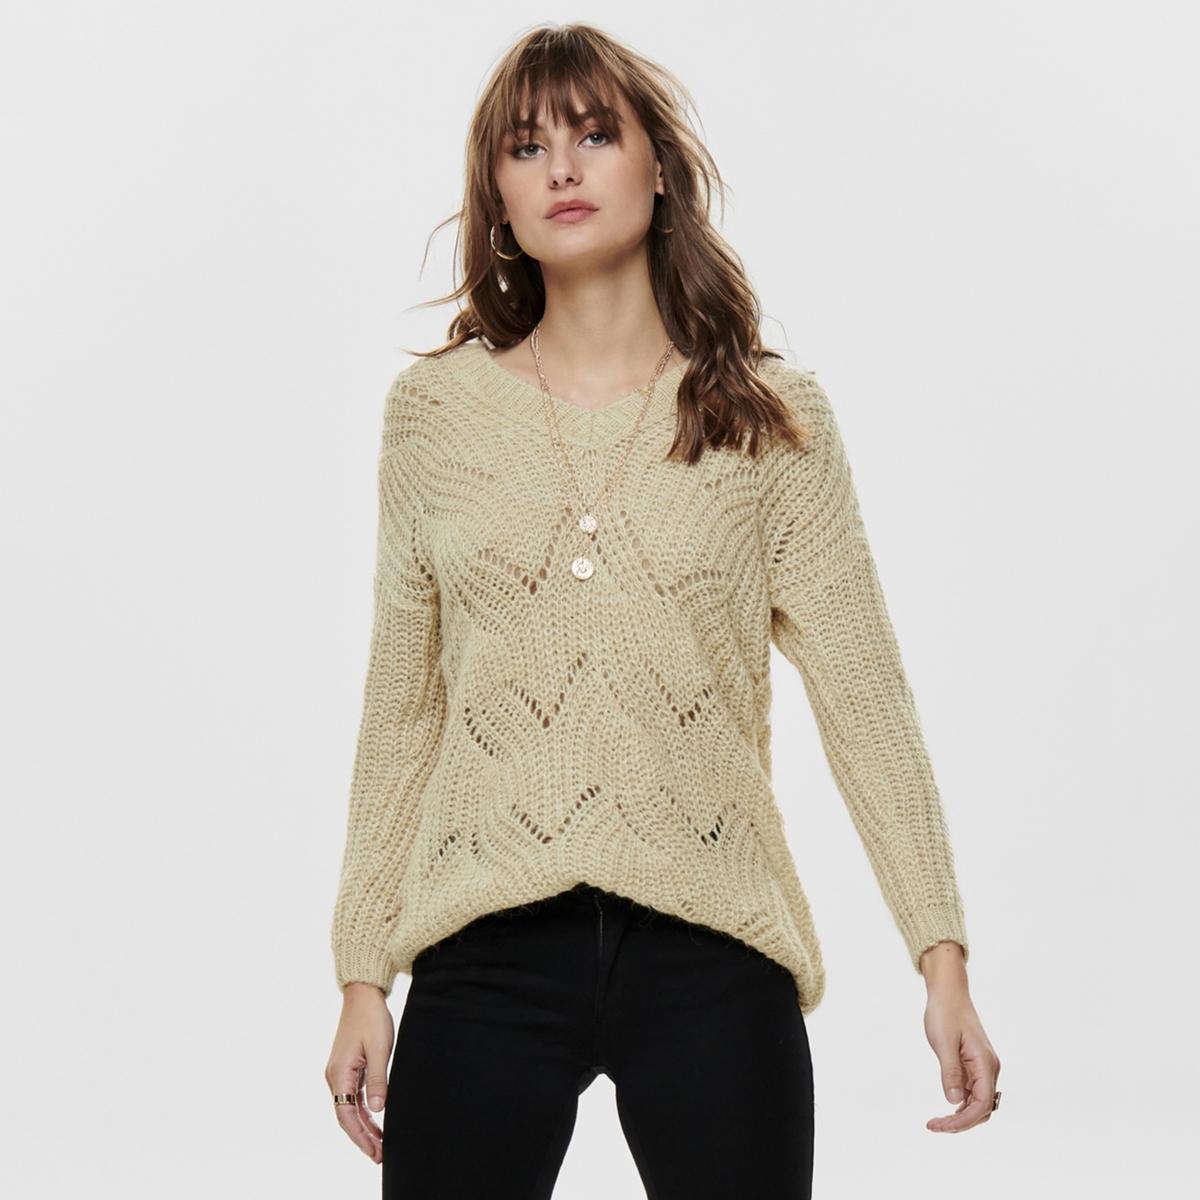 Пуловер La Redoute С V-образным вырезом из плотного трикотажа L бежевый пуловер la redoute из тонкого трикотажа со шнуровкой l бежевый